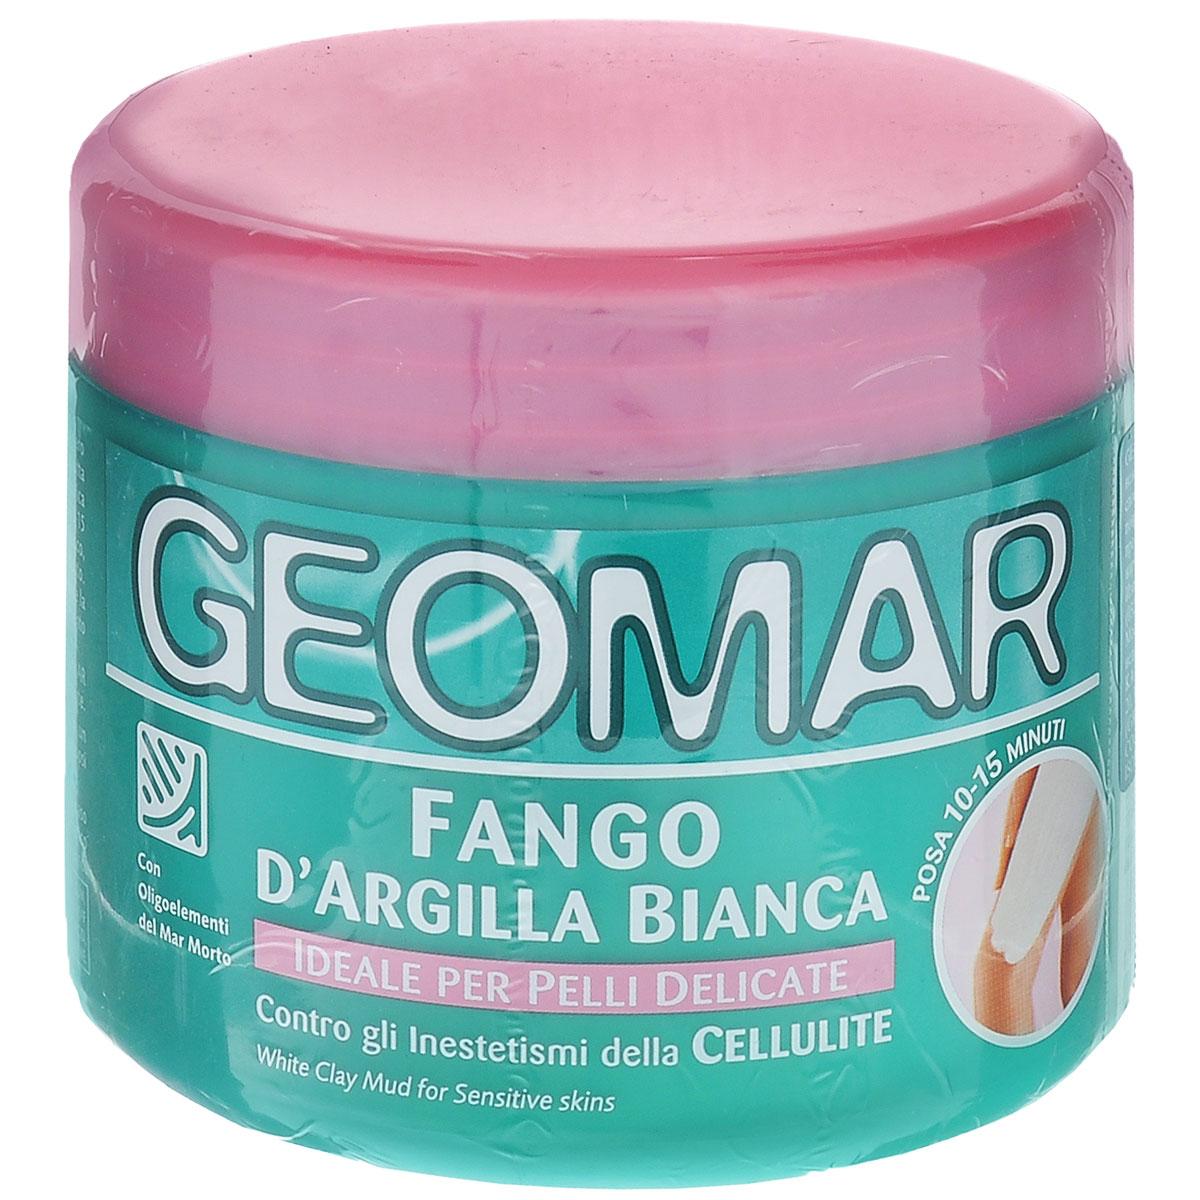 Geomar Грязь антицеллюлитная Белая глина для чувствительной кожи 500 мл.38680005Косметическое средство для чувствительной и нежной кожи. Помогает уменьшить появление целлюлита.